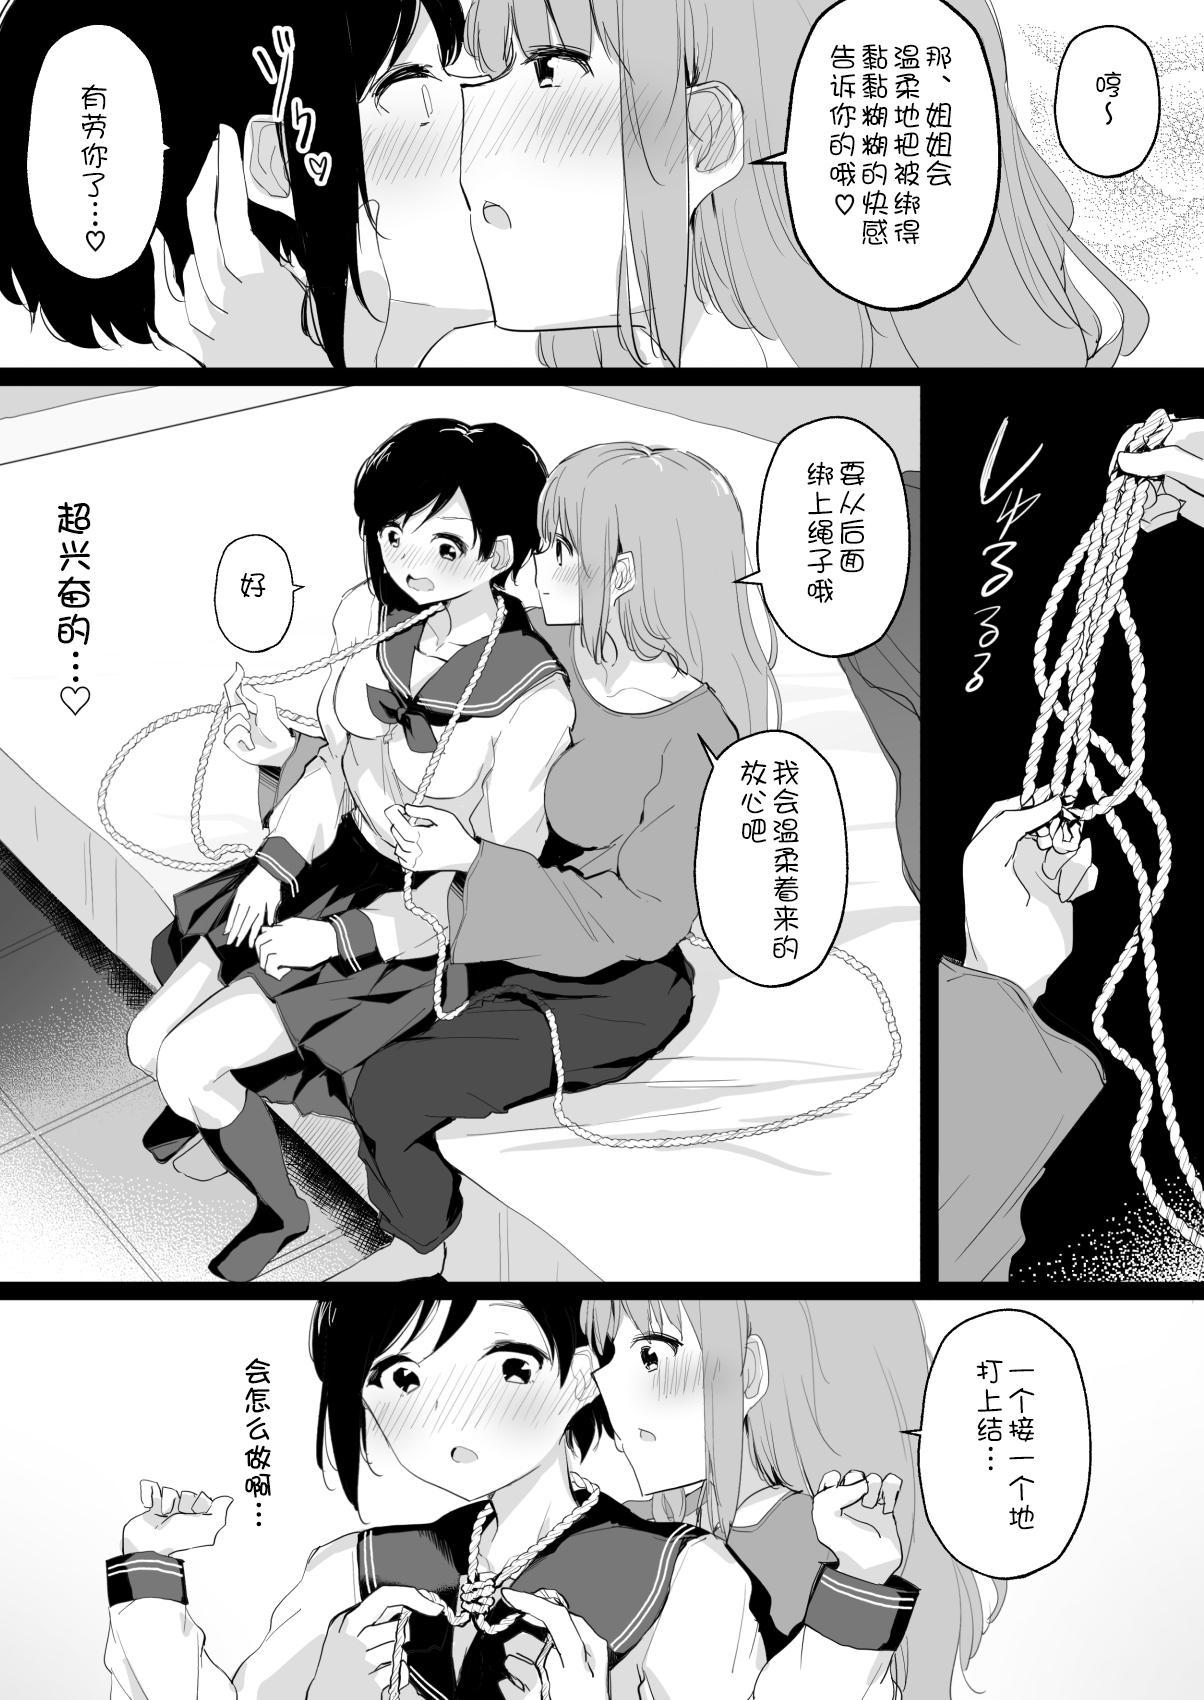 Do M Uraaka Joshi ga Kousoku Yuri Ecchi de Onna Doushi no Yosa o Oshiekomarechau Hon 12